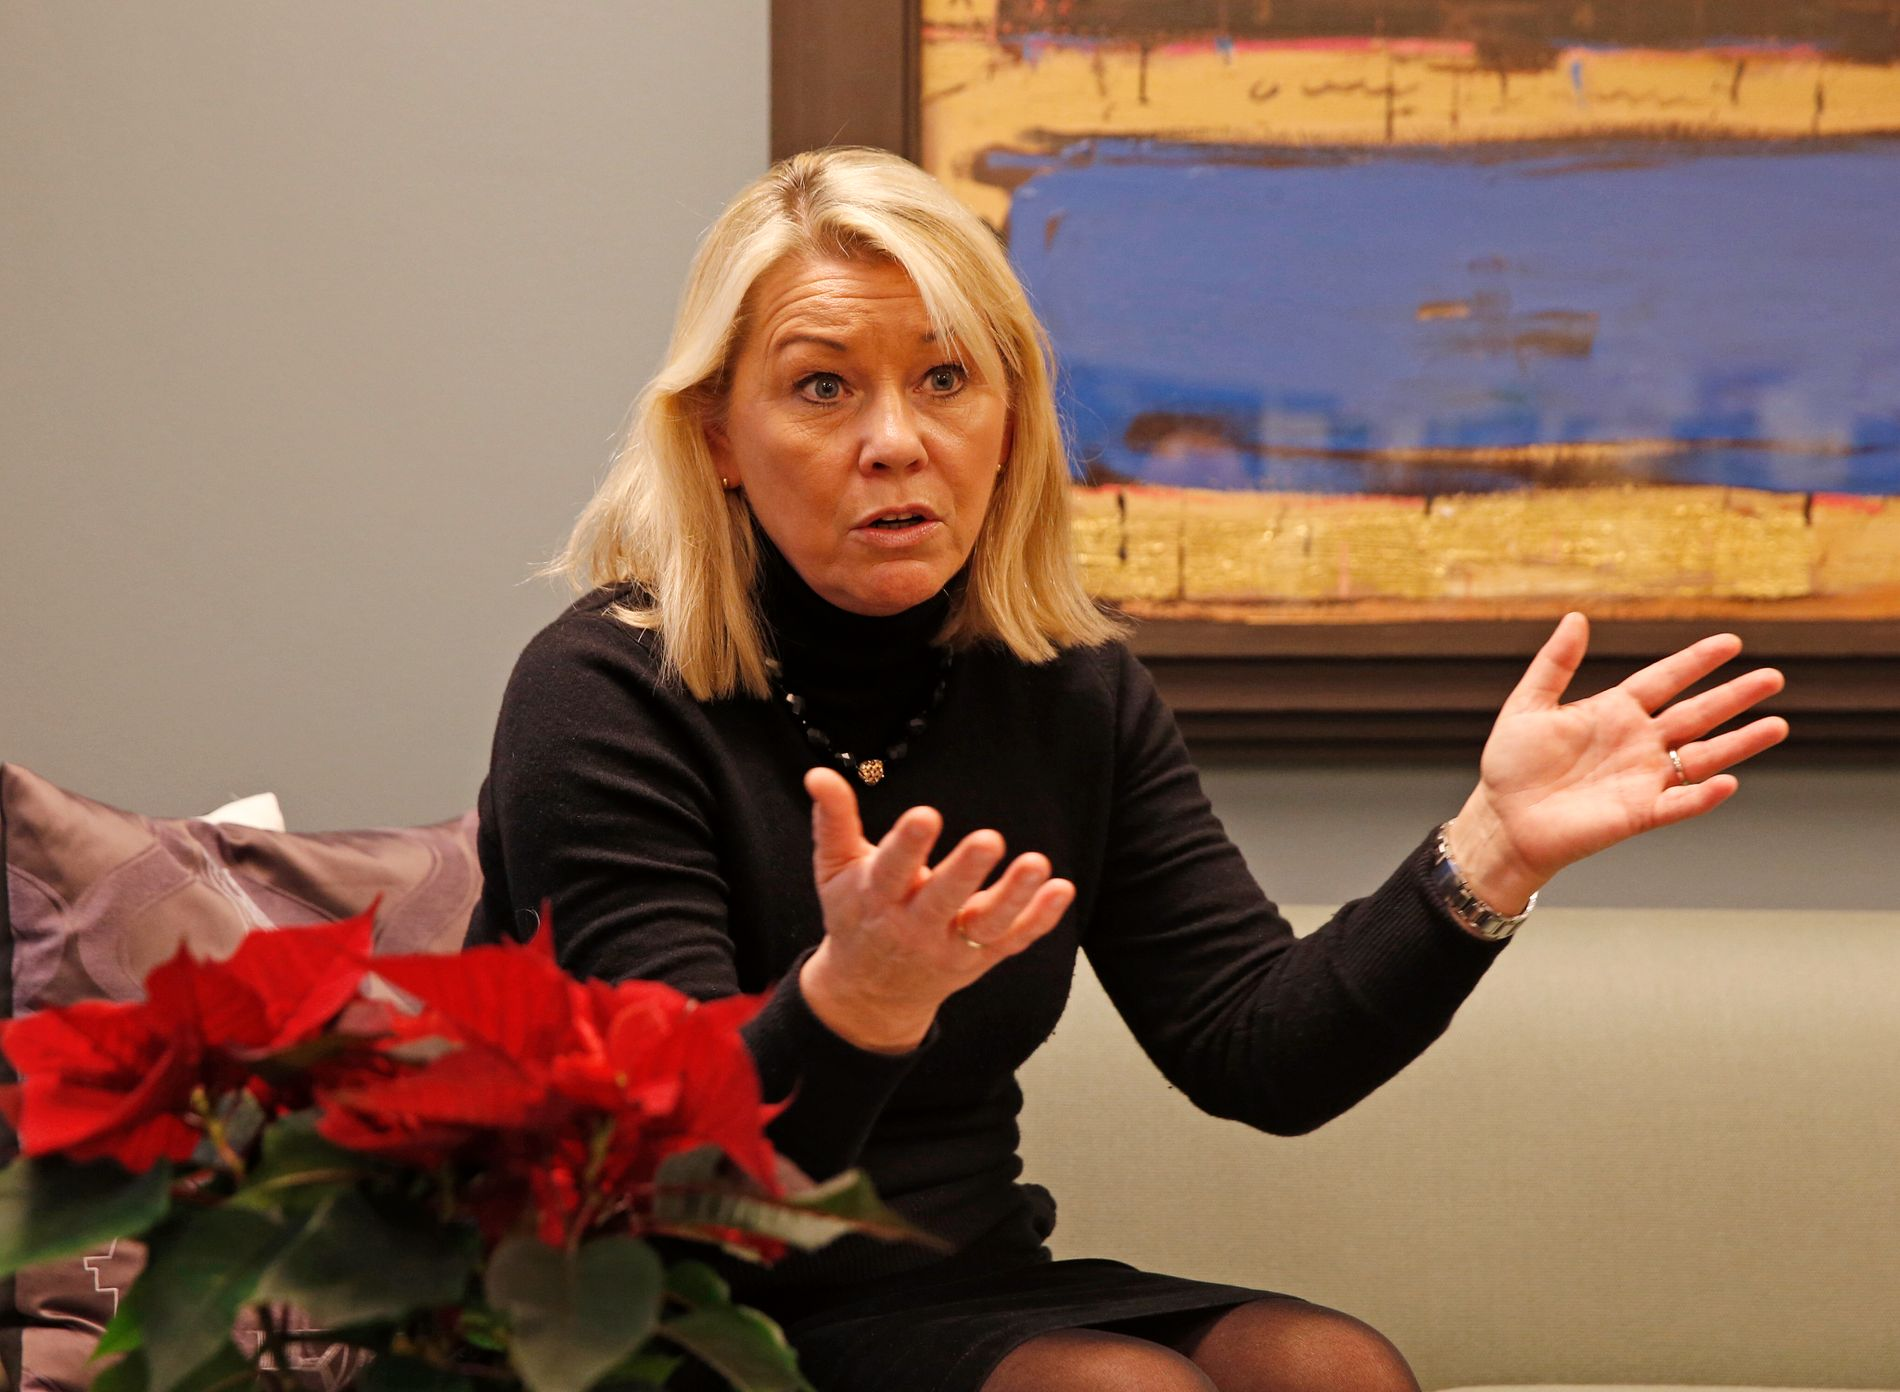 Kommunal- og moderniseringsminister Monica Mæland (H) har allerede varslet at flyttesjauen kan bli vanskelig å gjennomføre.